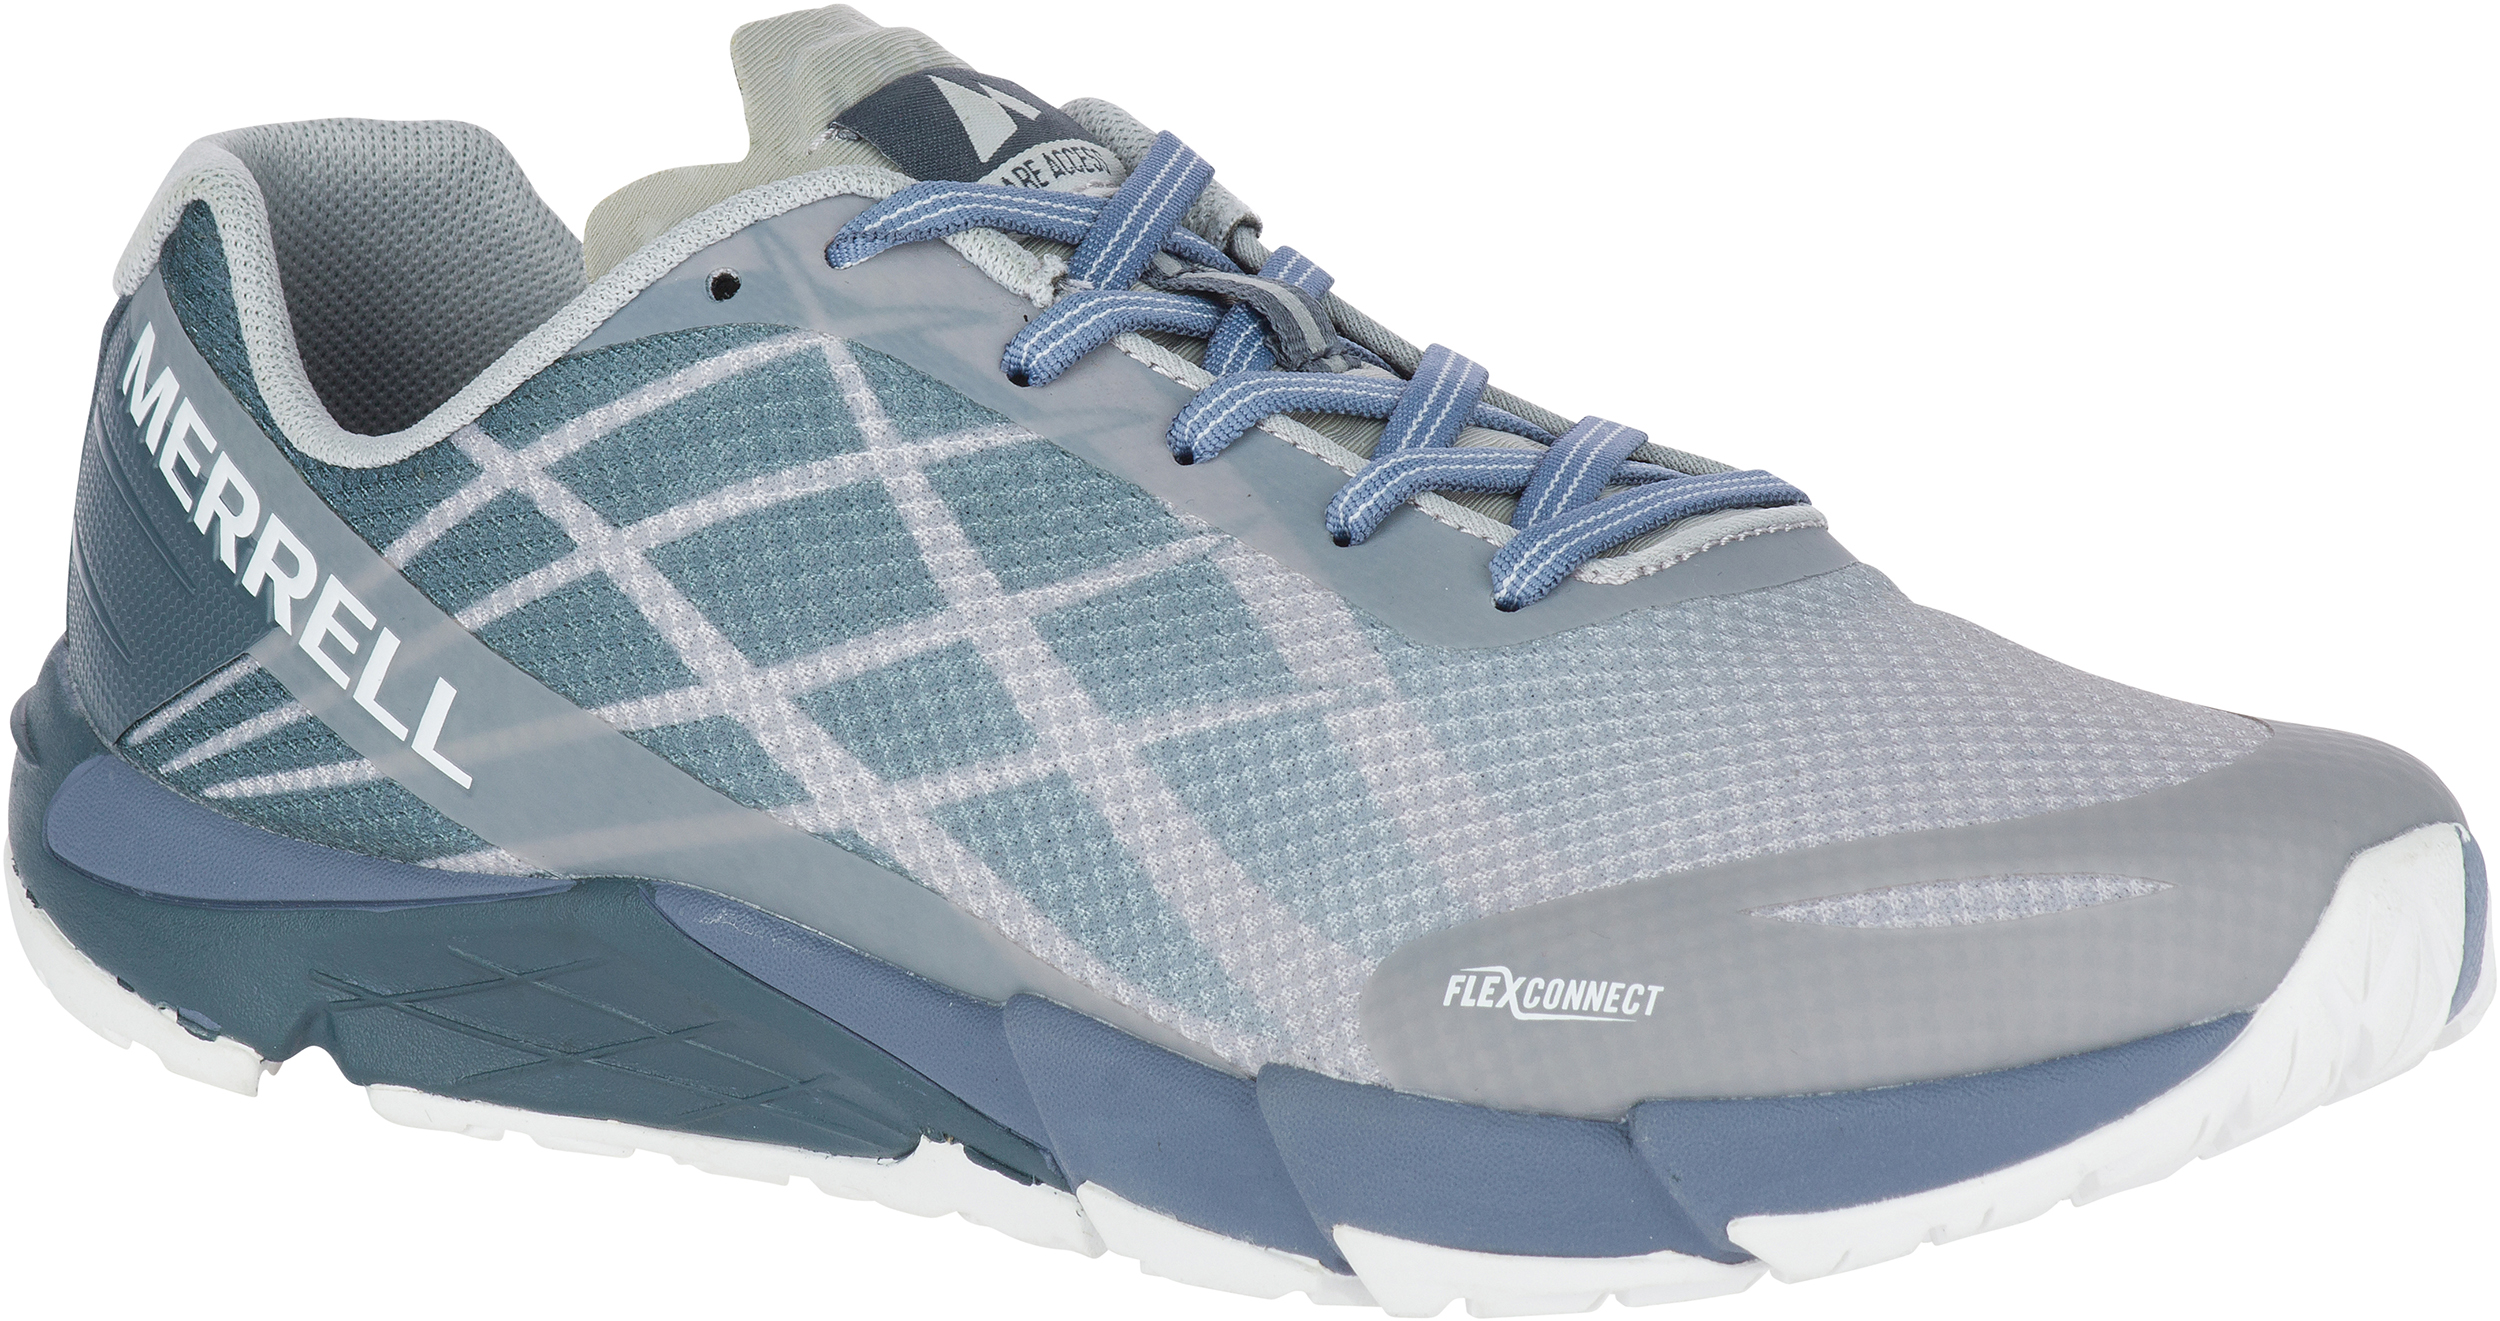 9fecd251cebb Merrell Bare Access Flex Trail Running Shoes - Women s